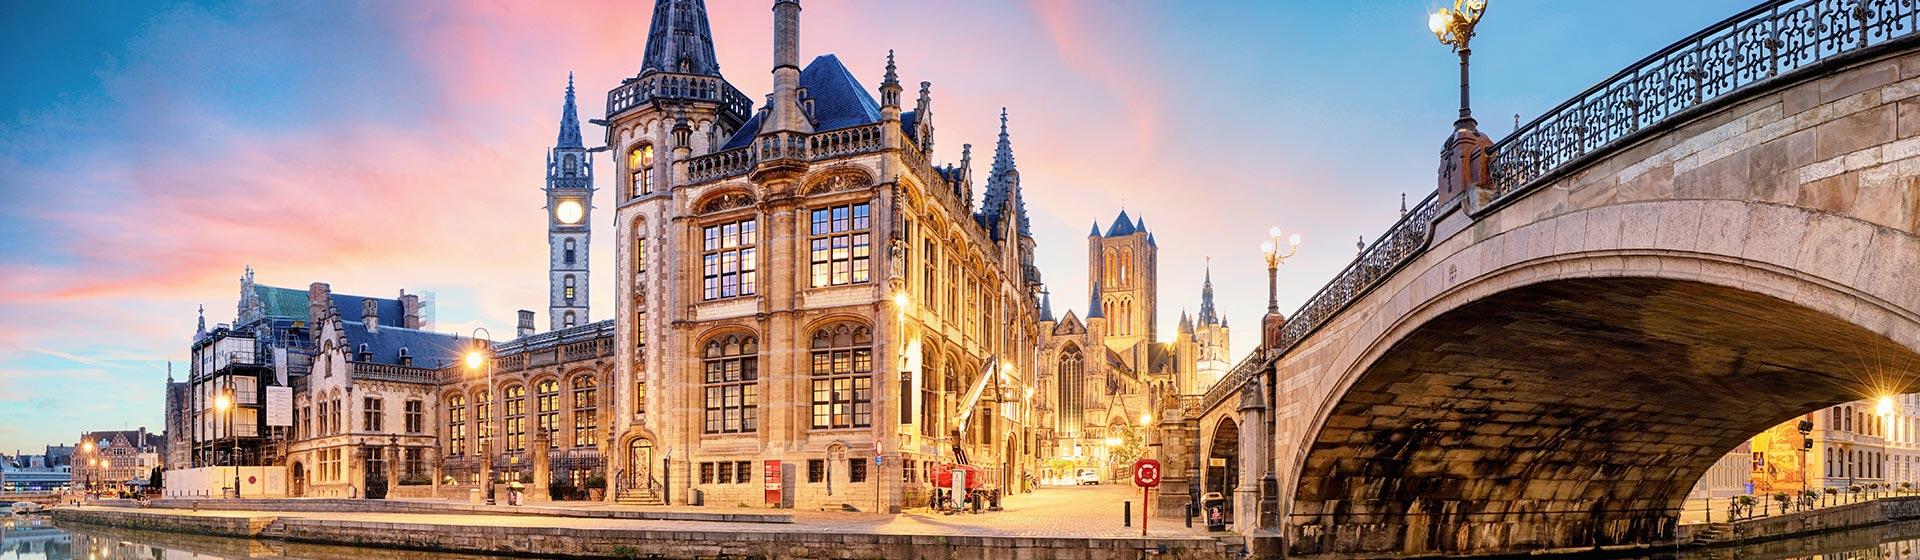 Bruselas-Brujas-Gante (7 días / 6 noches)